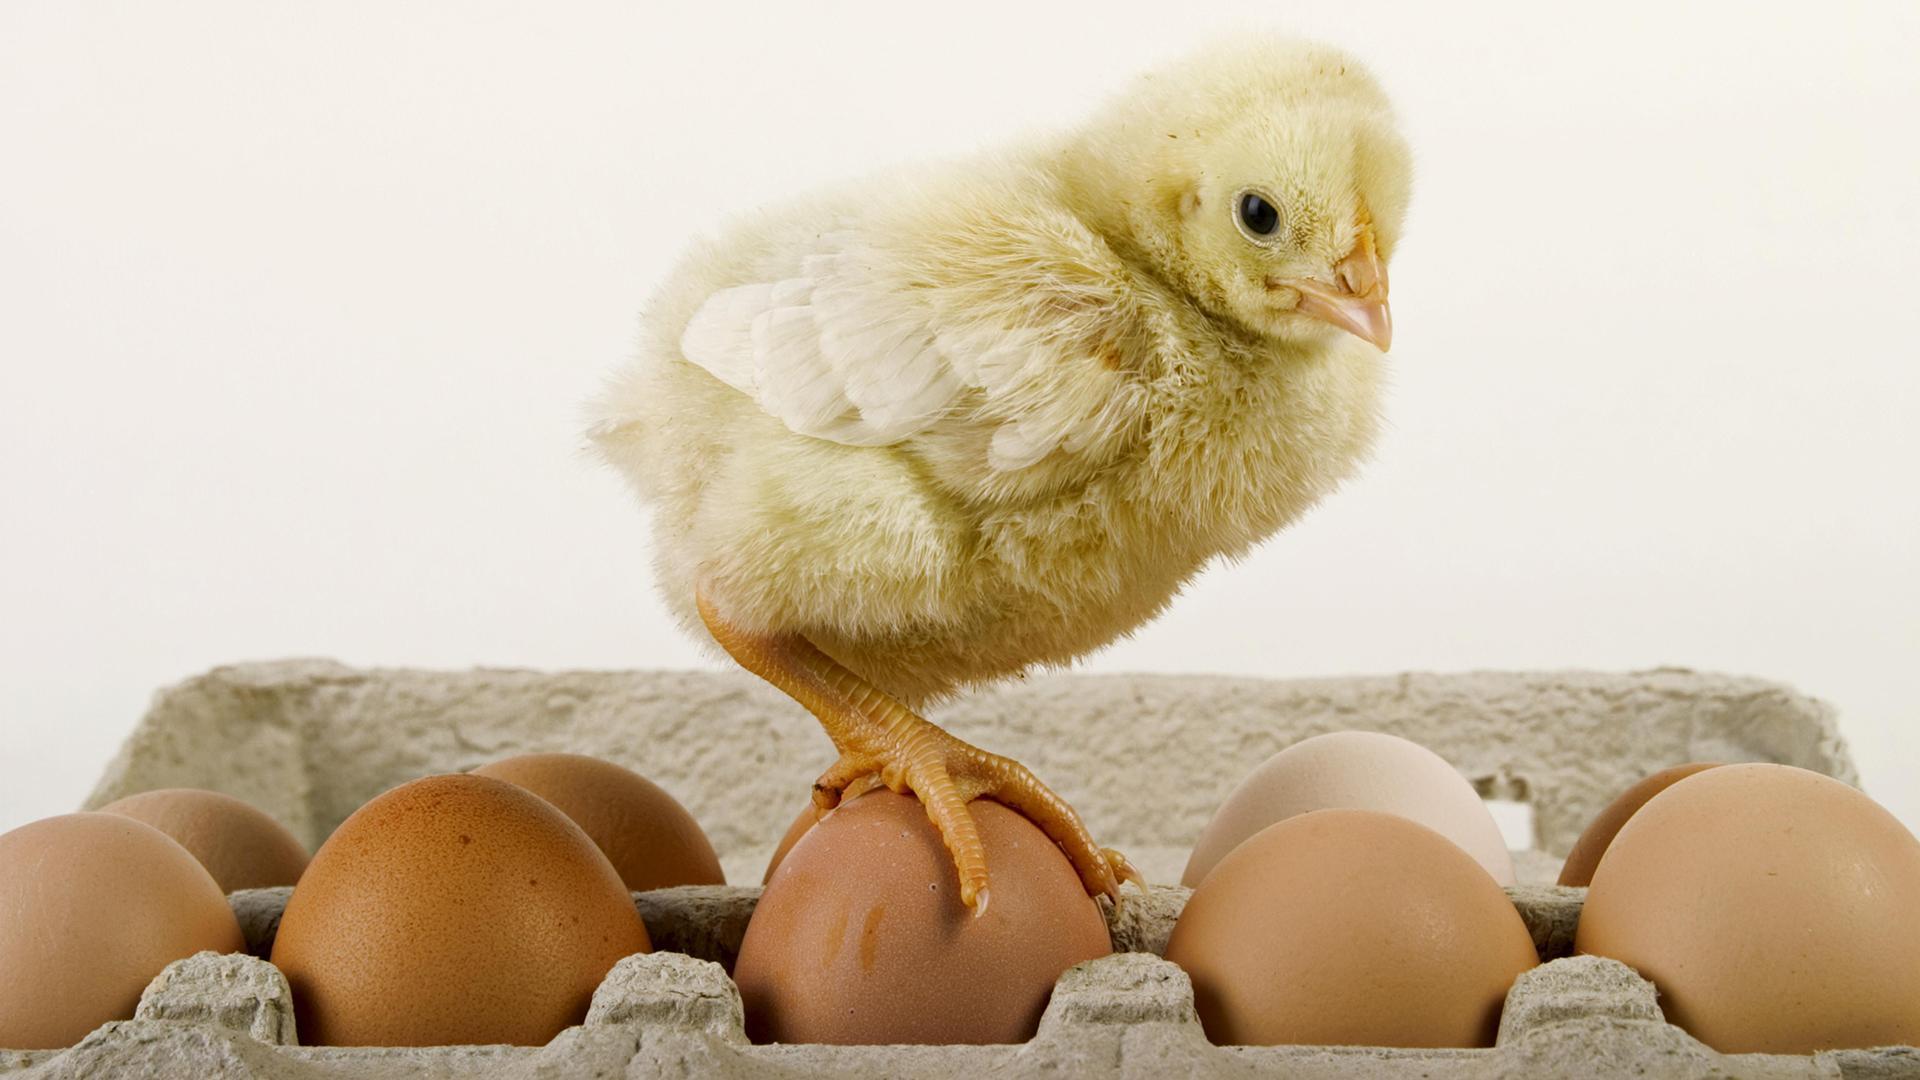 Нужны ли в рационе питания яйца?